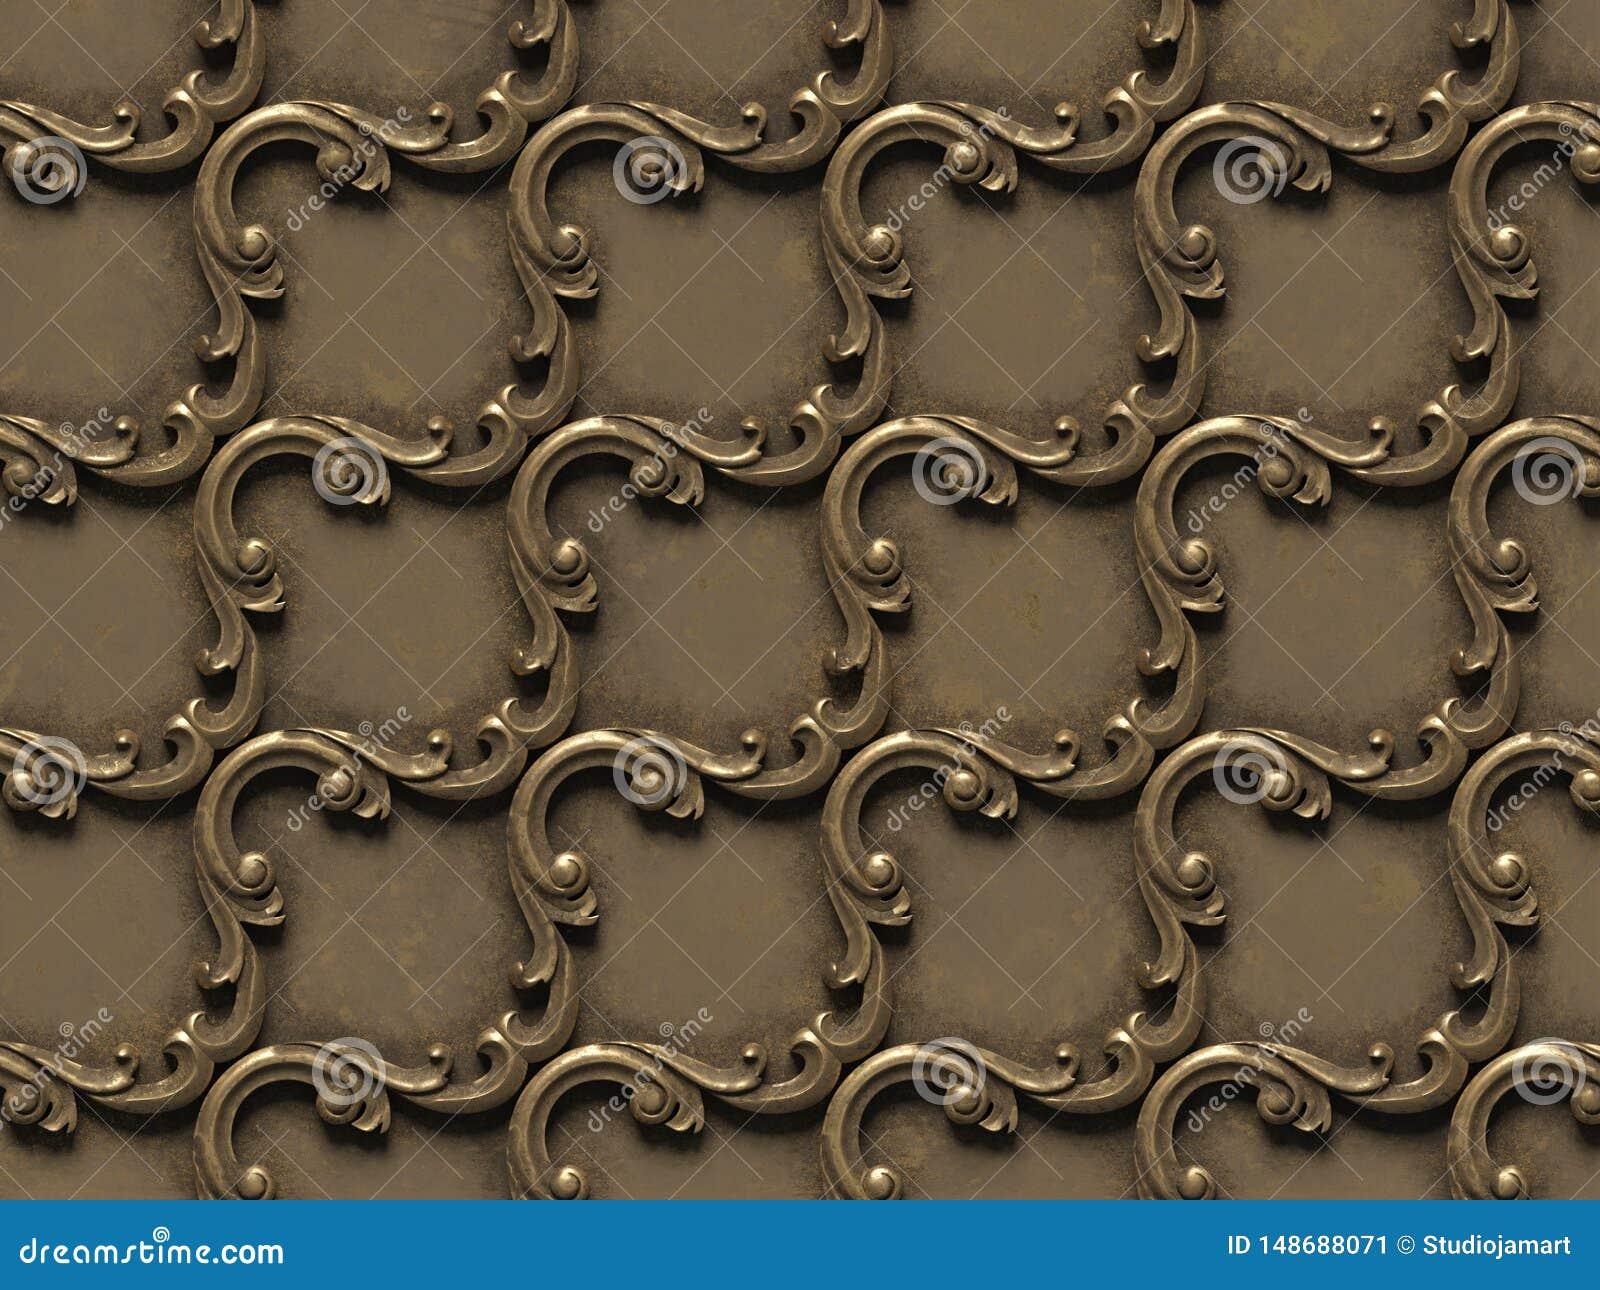 金属样式 无缝的纹理浅浮雕,包括建筑装饰的各种各样的元素